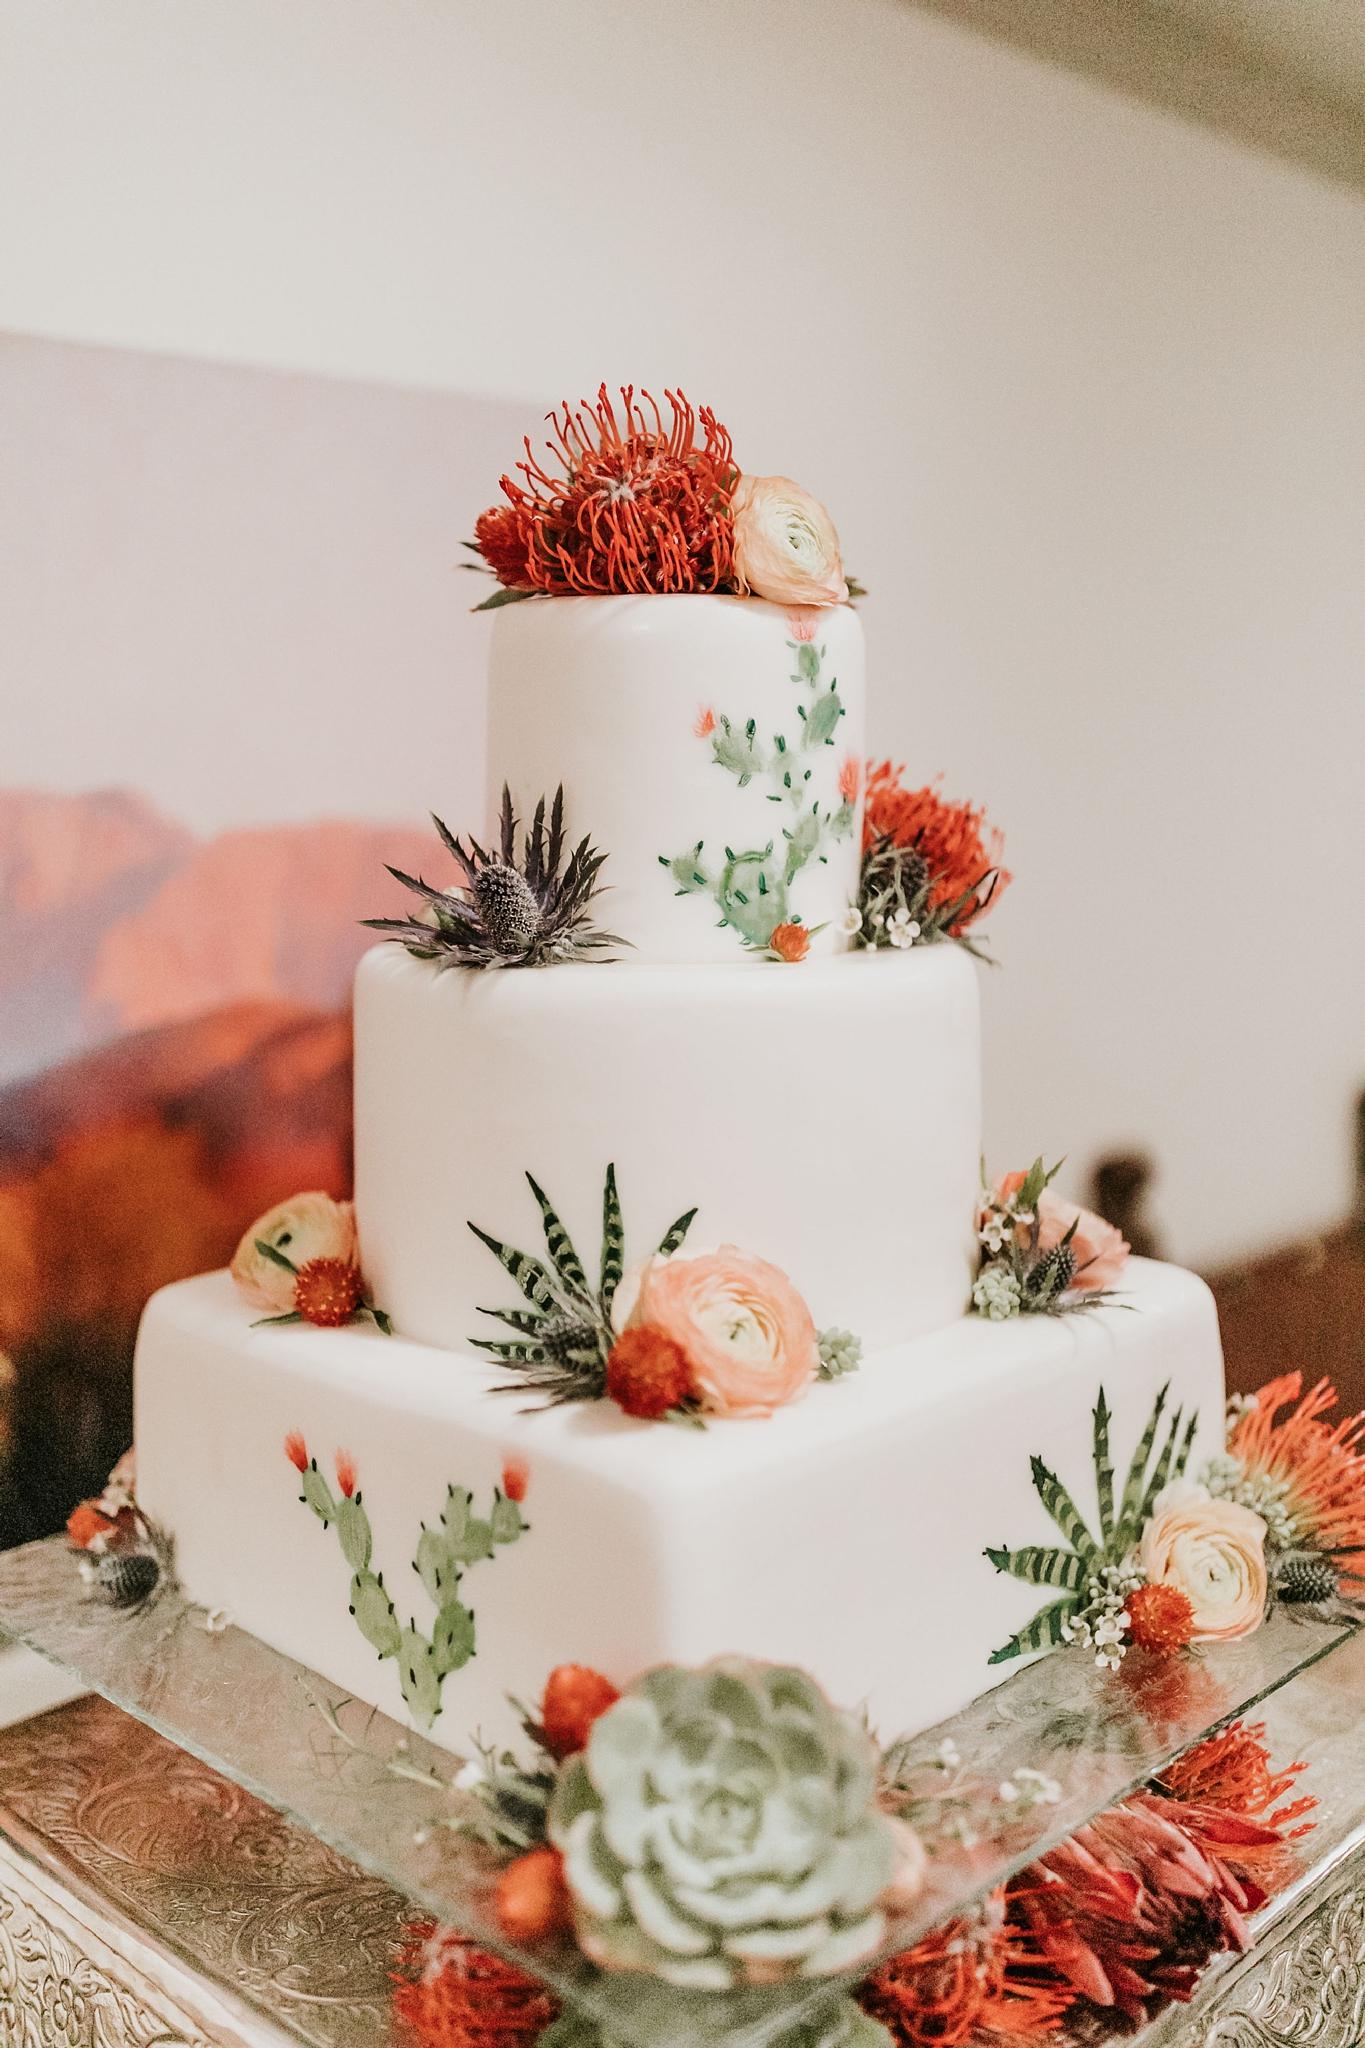 Alicia+lucia+photography+-+albuquerque+wedding+photographer+-+santa+fe+wedding+photography+-+new+mexico+wedding+photographer+-+new+mexico+wedding+-+new+mexico+wedding+-+wedding+florals+-+desert+wedding+-+wedding+trends_0028.jpg